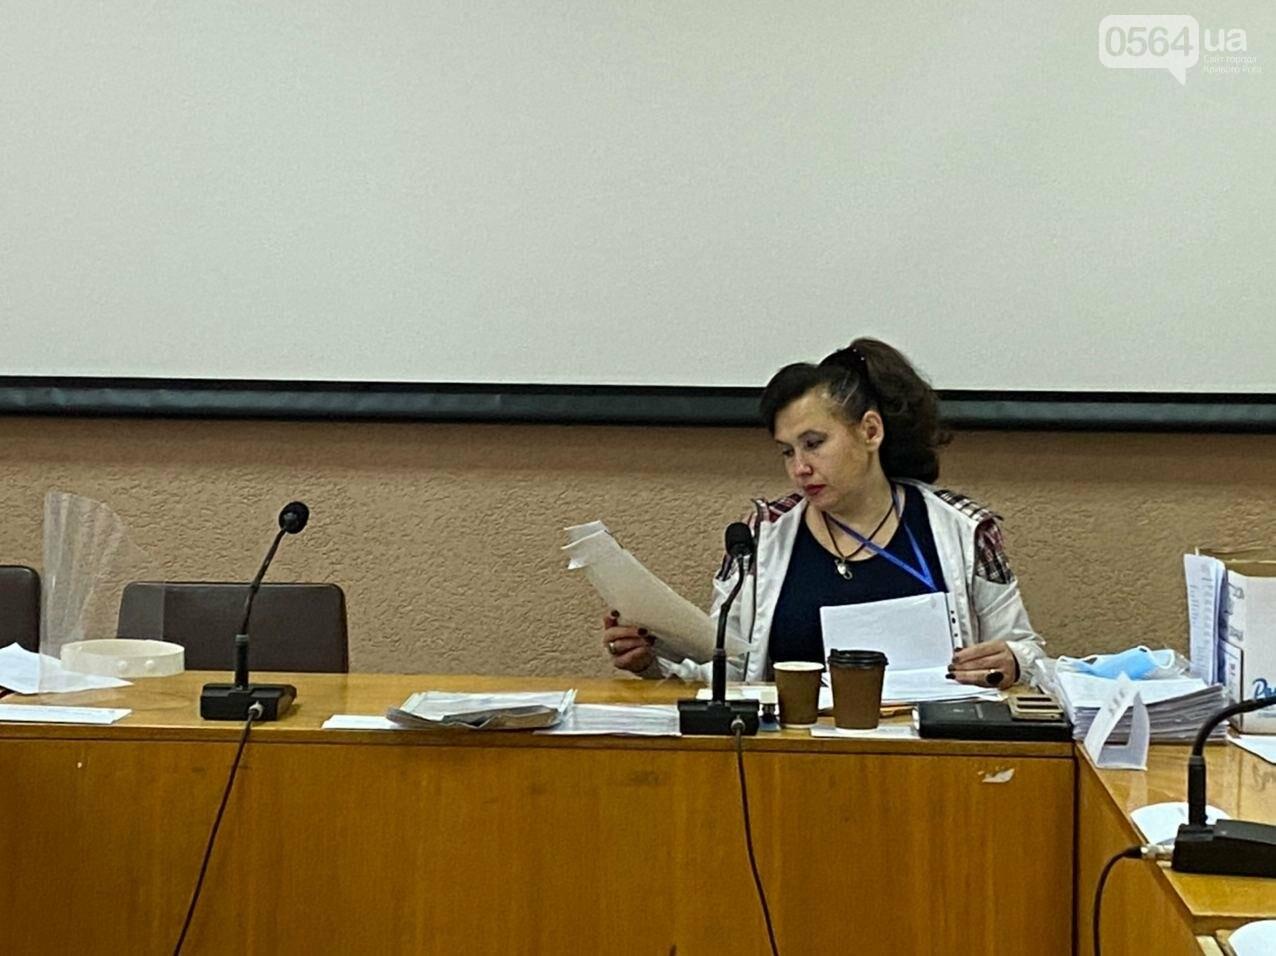 Криворожская ТИК приняла решение о повторном подсчете голосов на 5 избирательных участках, - ФОТО, ВИДЕО , фото-10